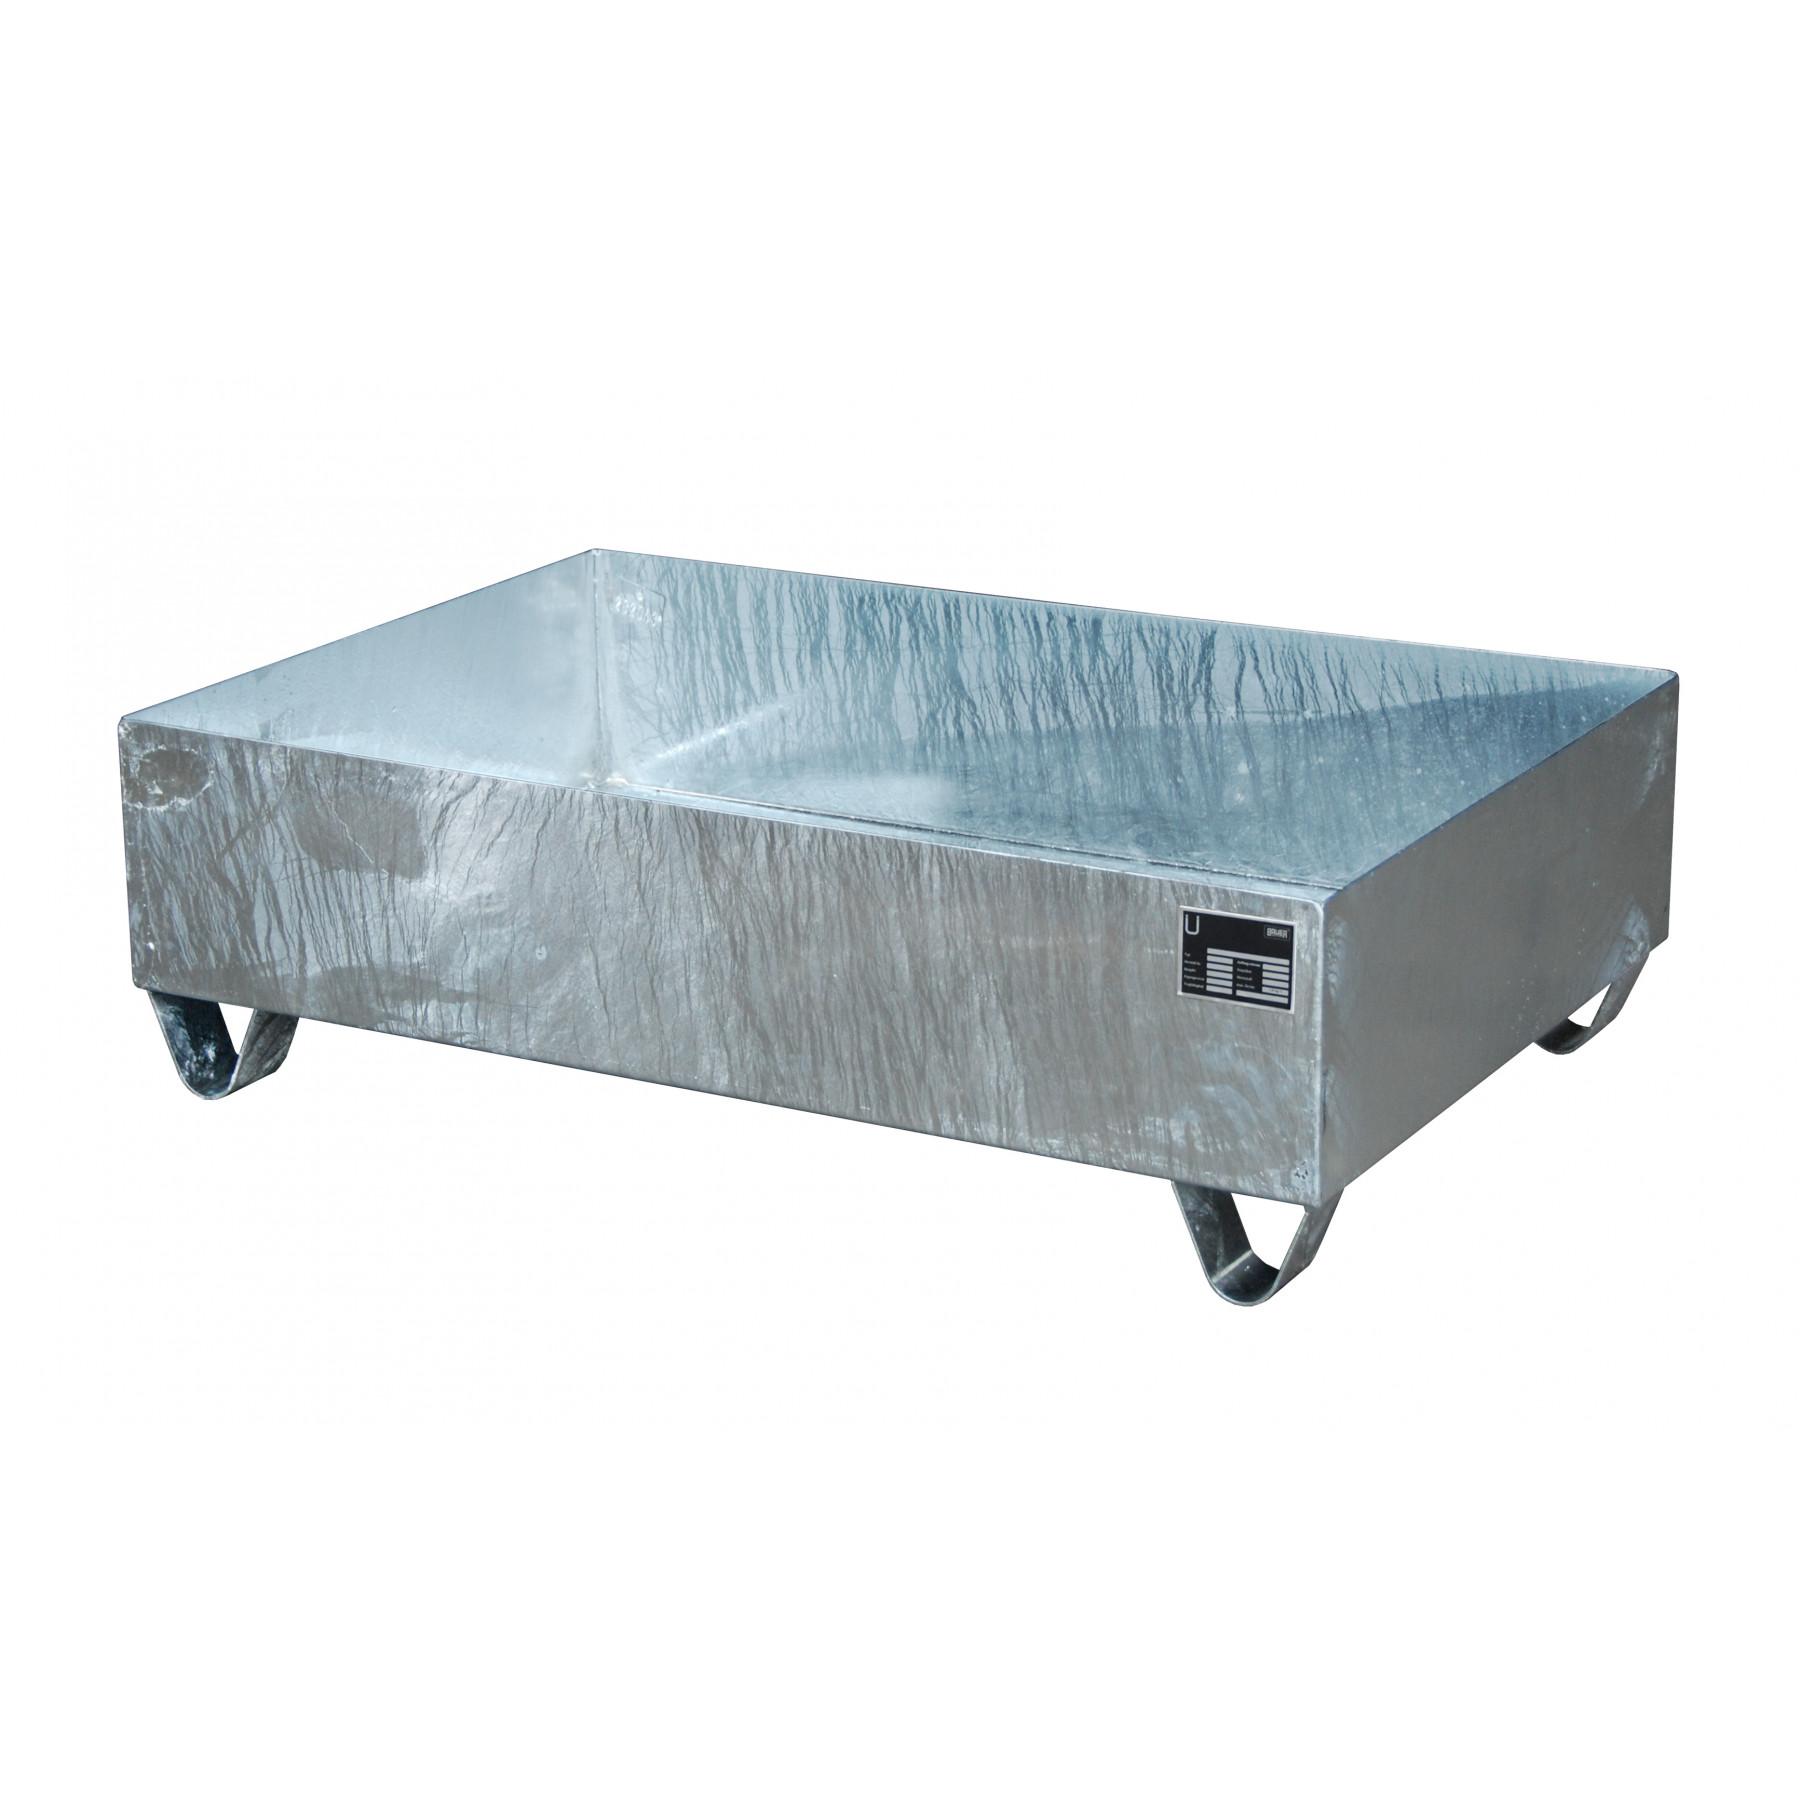 Vloeistofopvangbak voor 2 x 200 liter vat, 70049-2017